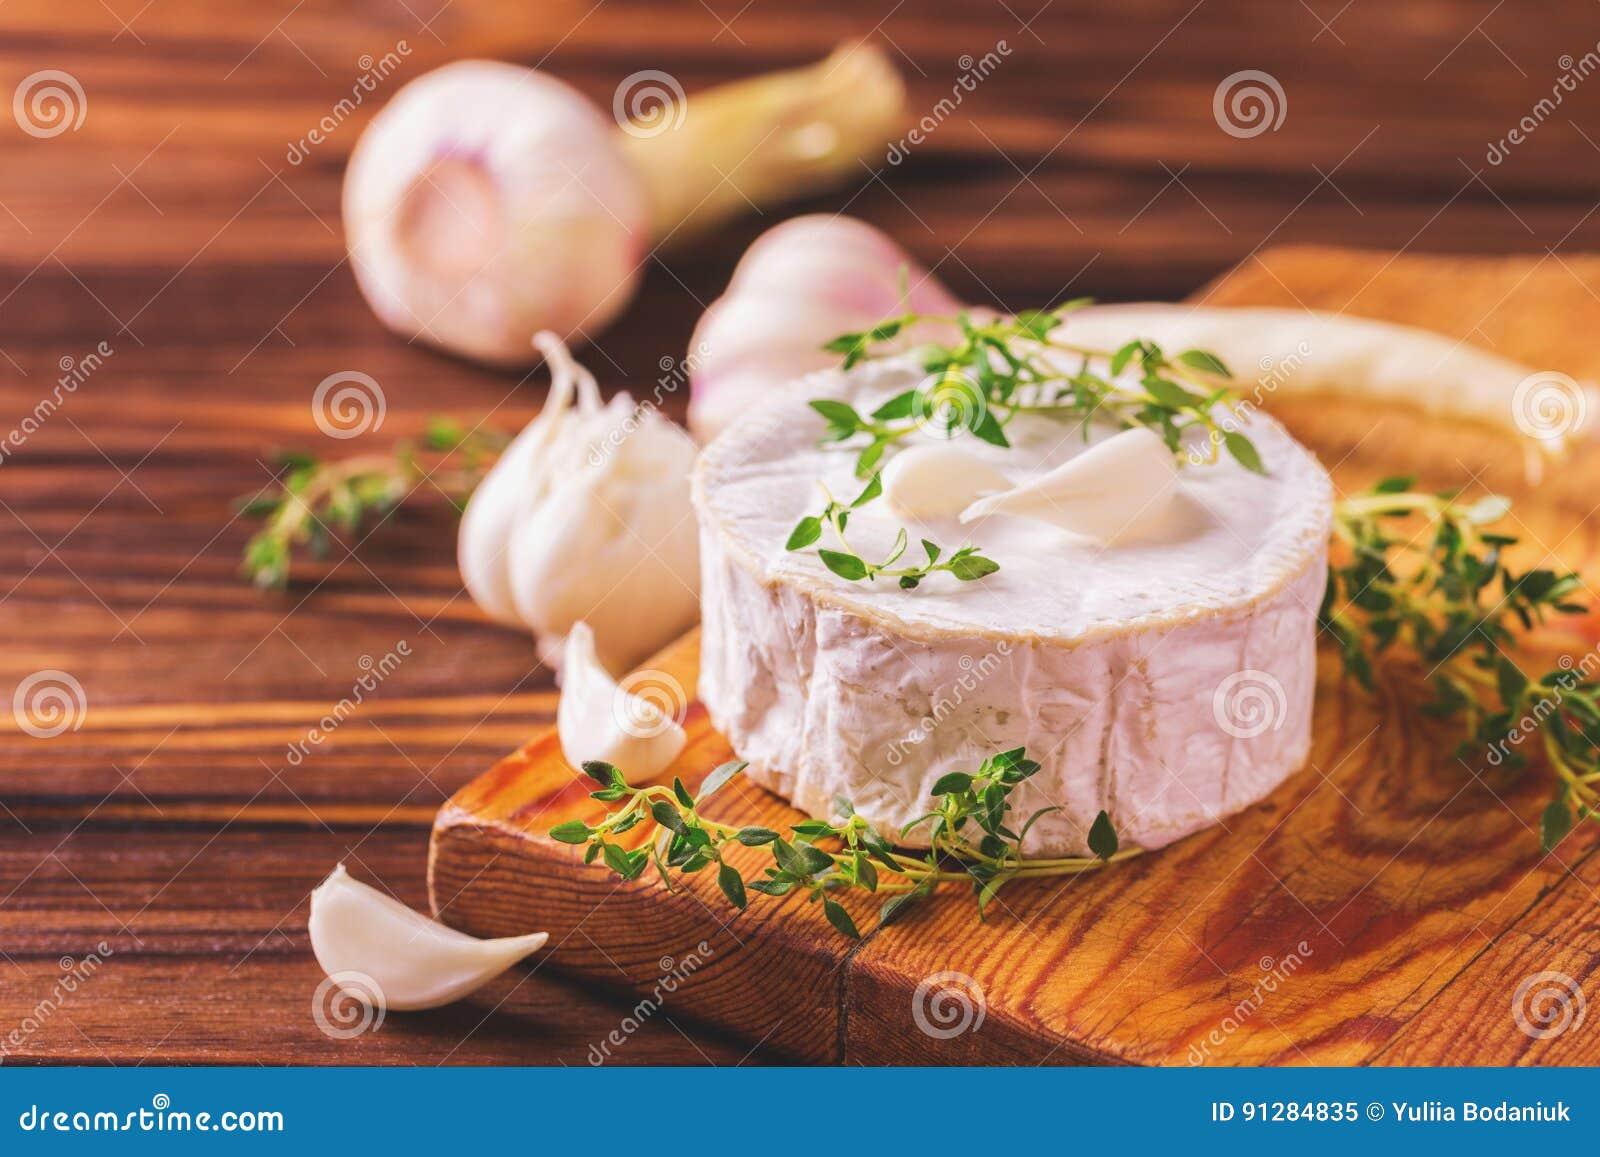 Fransk hemlagad camembertost med timjan och vitlök